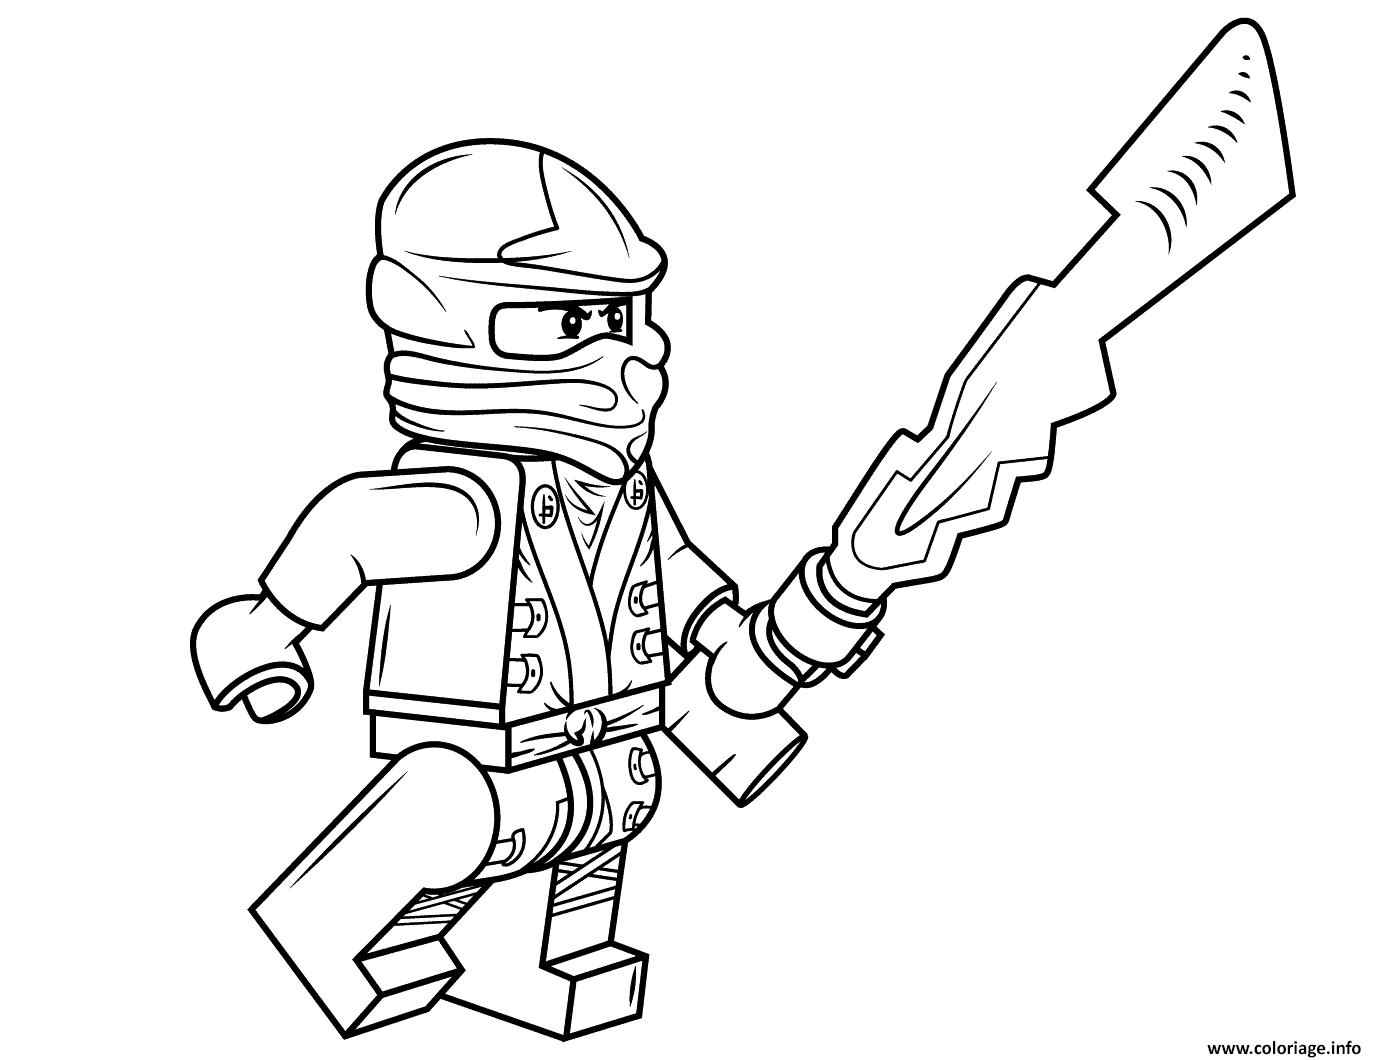 Ninjago Jay Drawing At Getdrawingscom Free For Personal